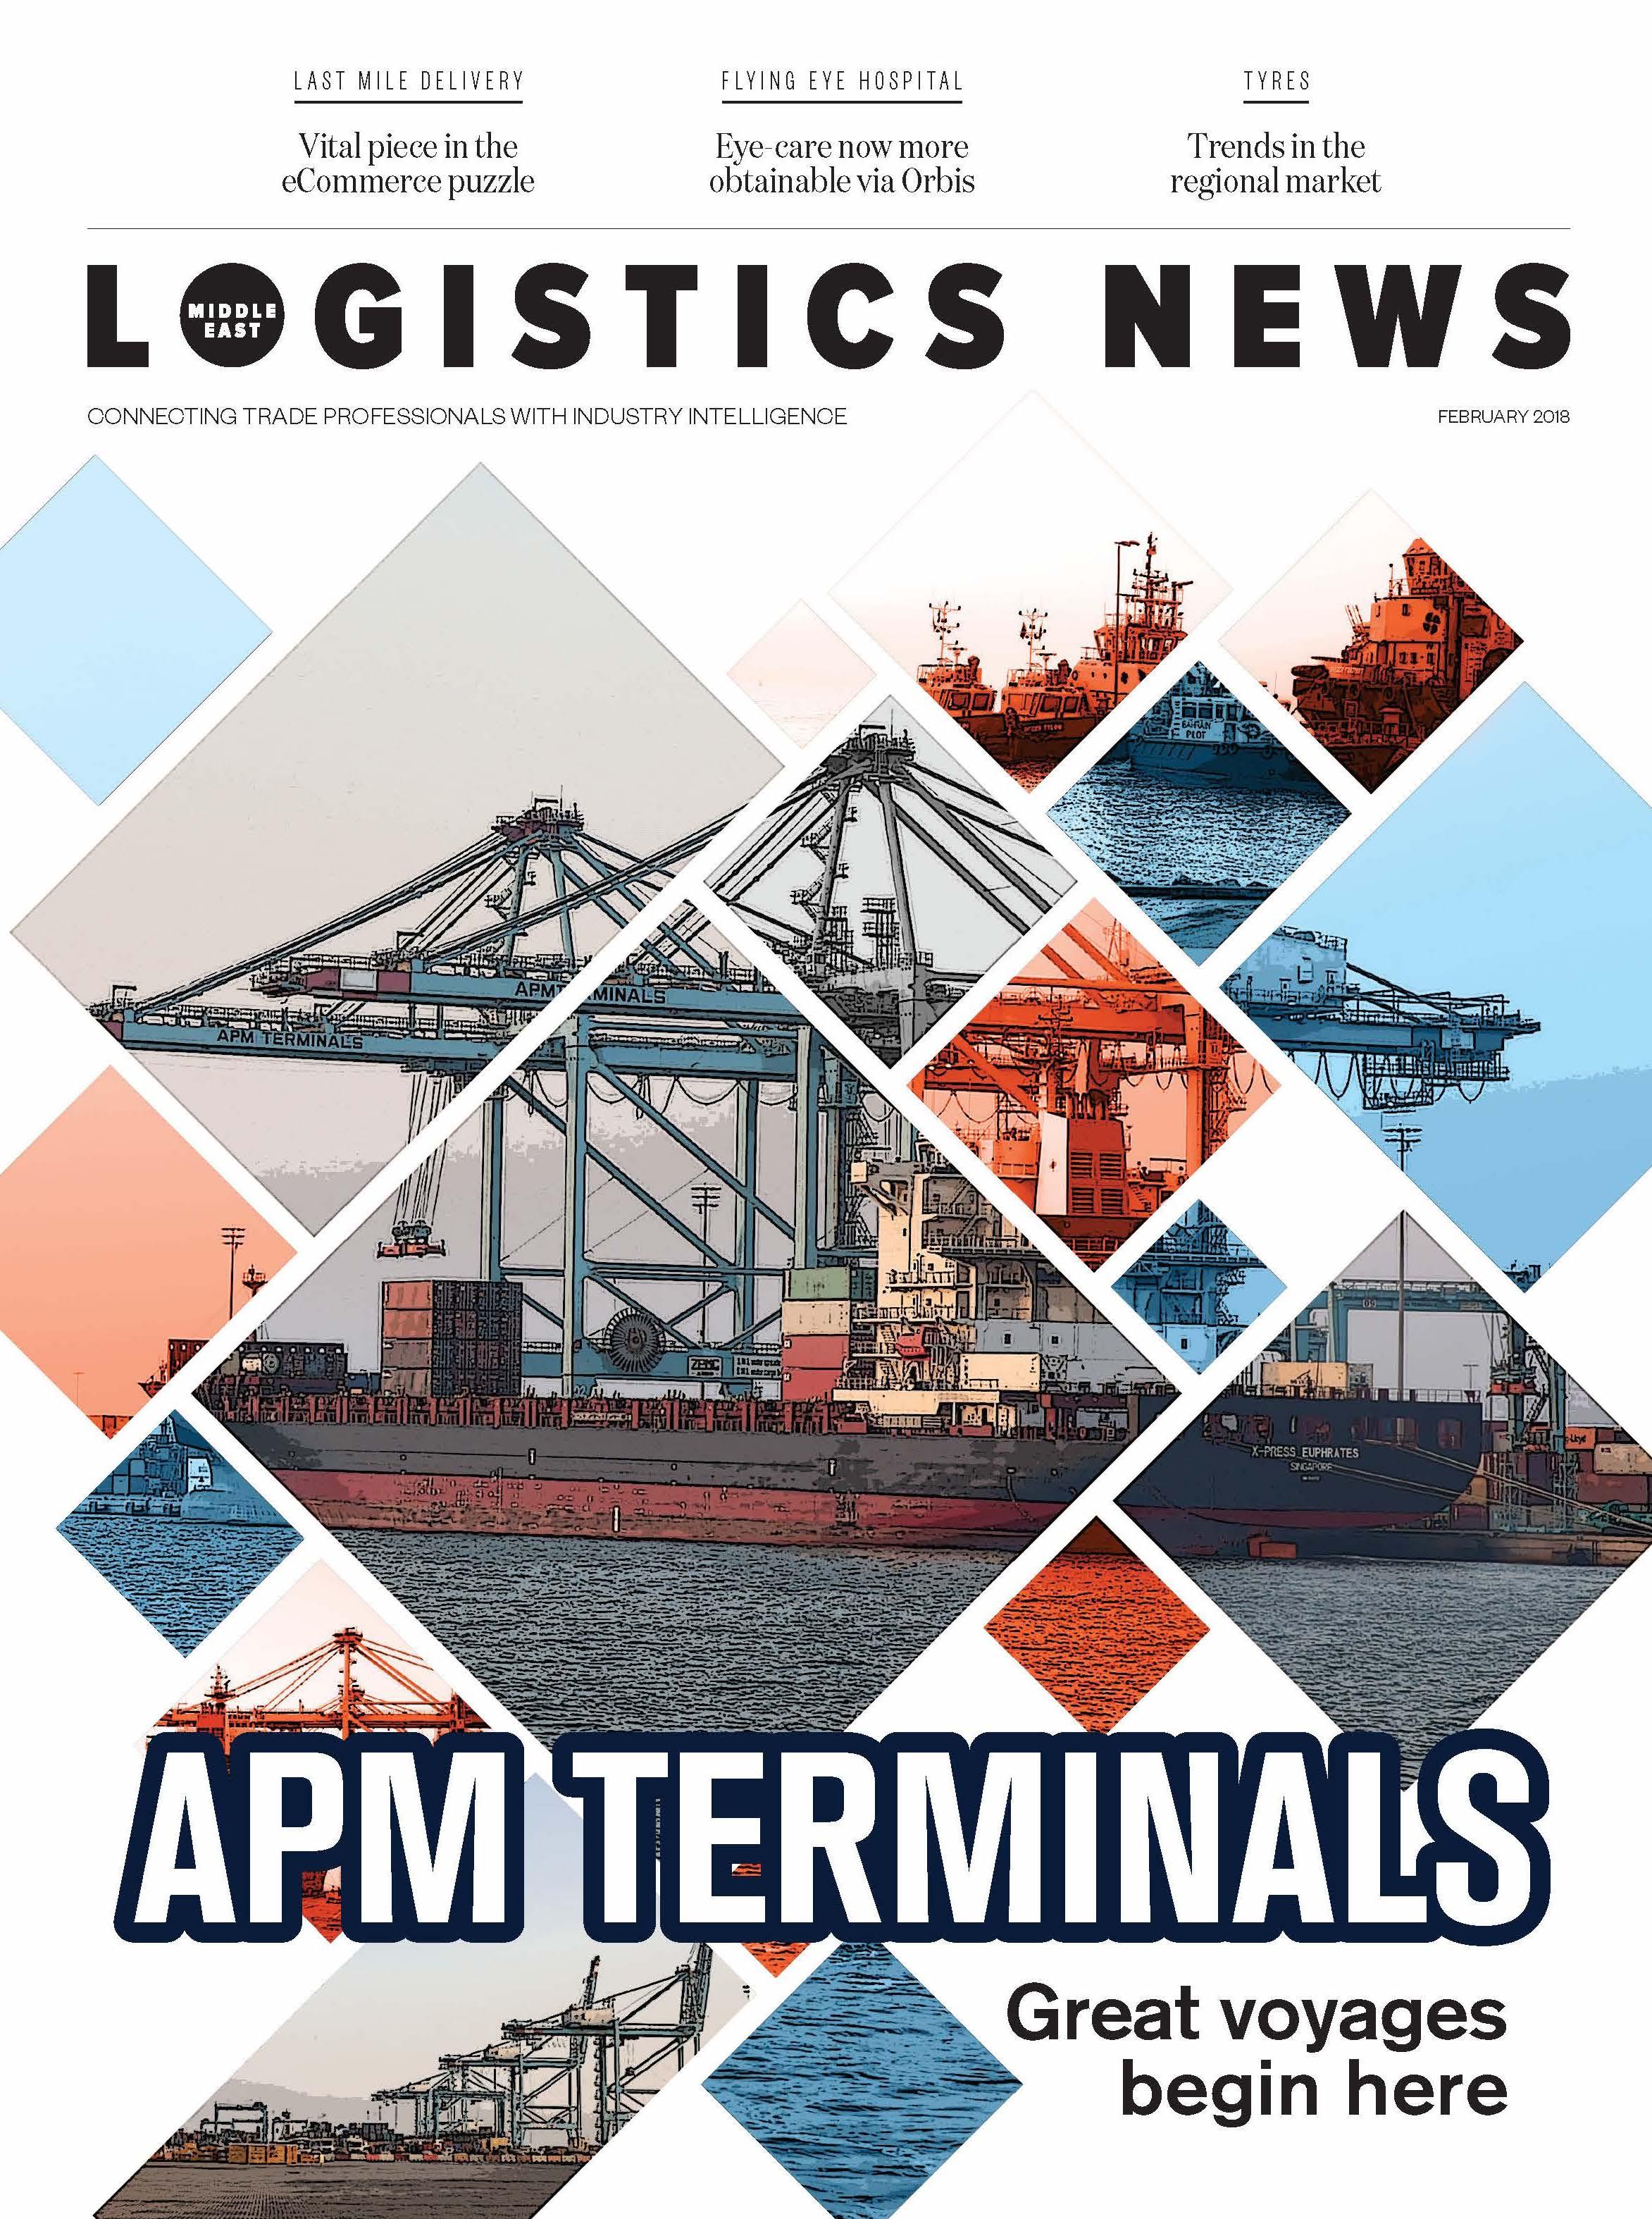 https://www.cbnme.com/magazines/logistics-news-me/logistics-news-me-february-2018/